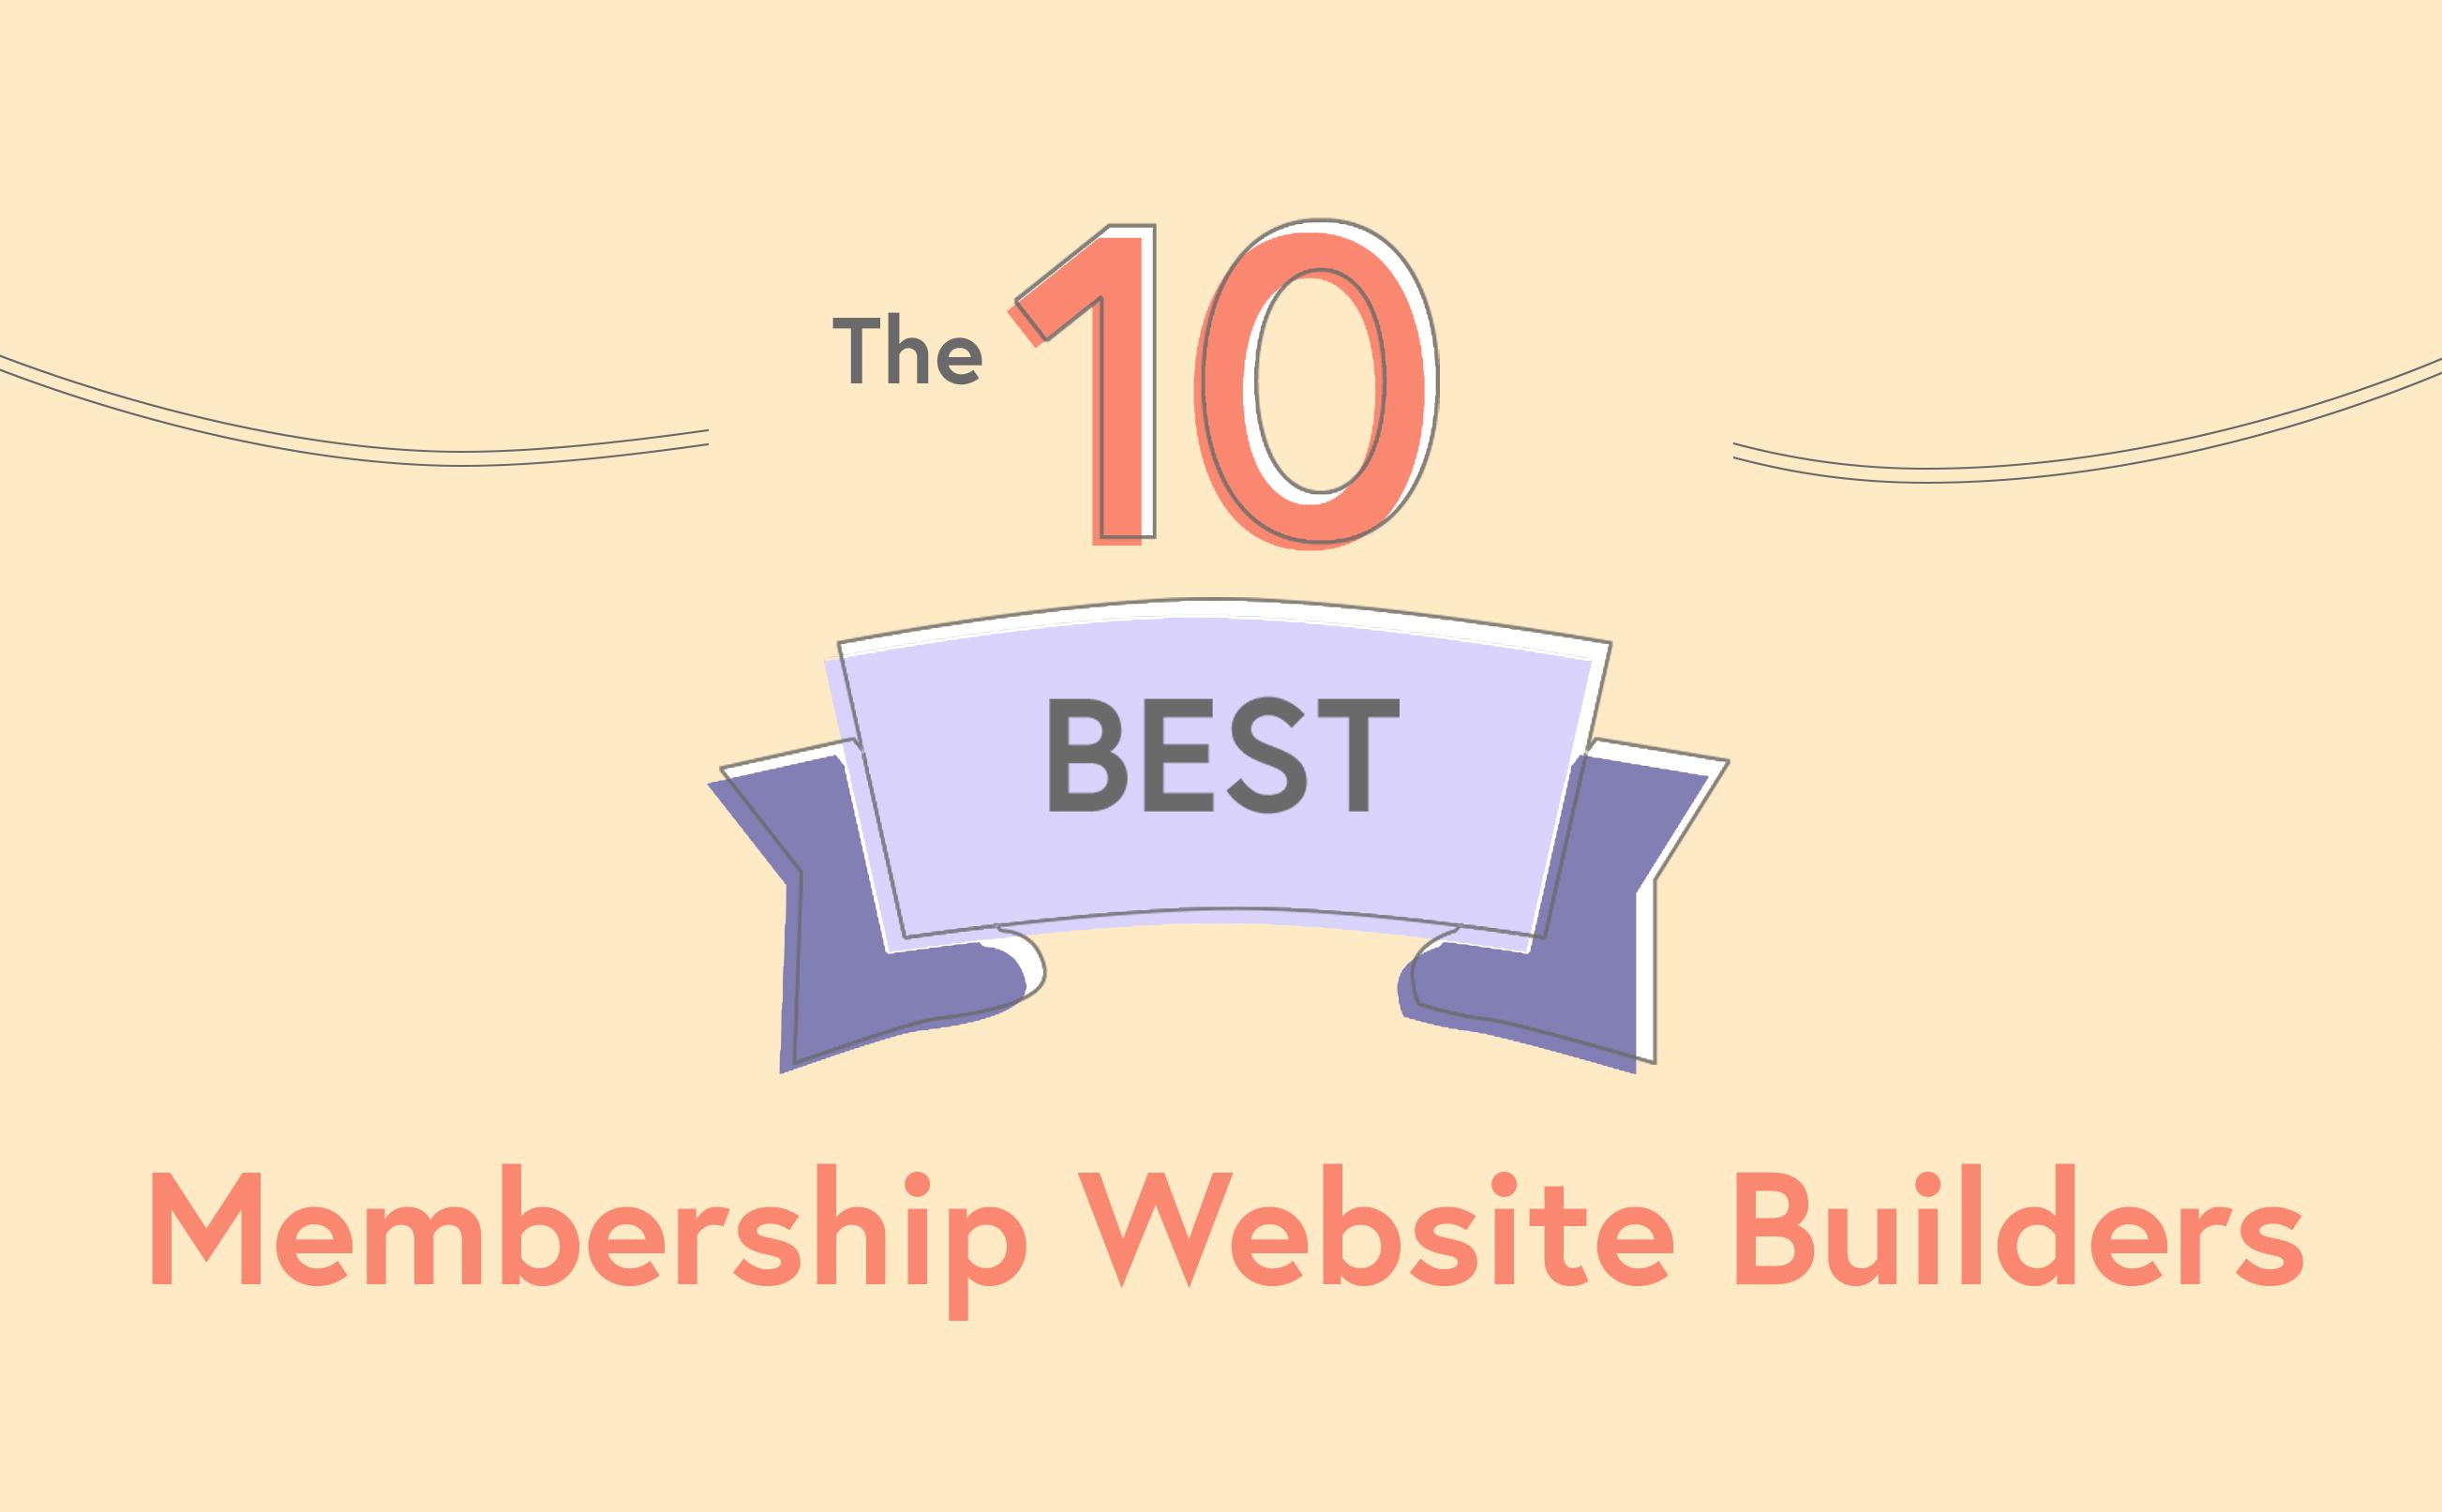 Membership Website Builder